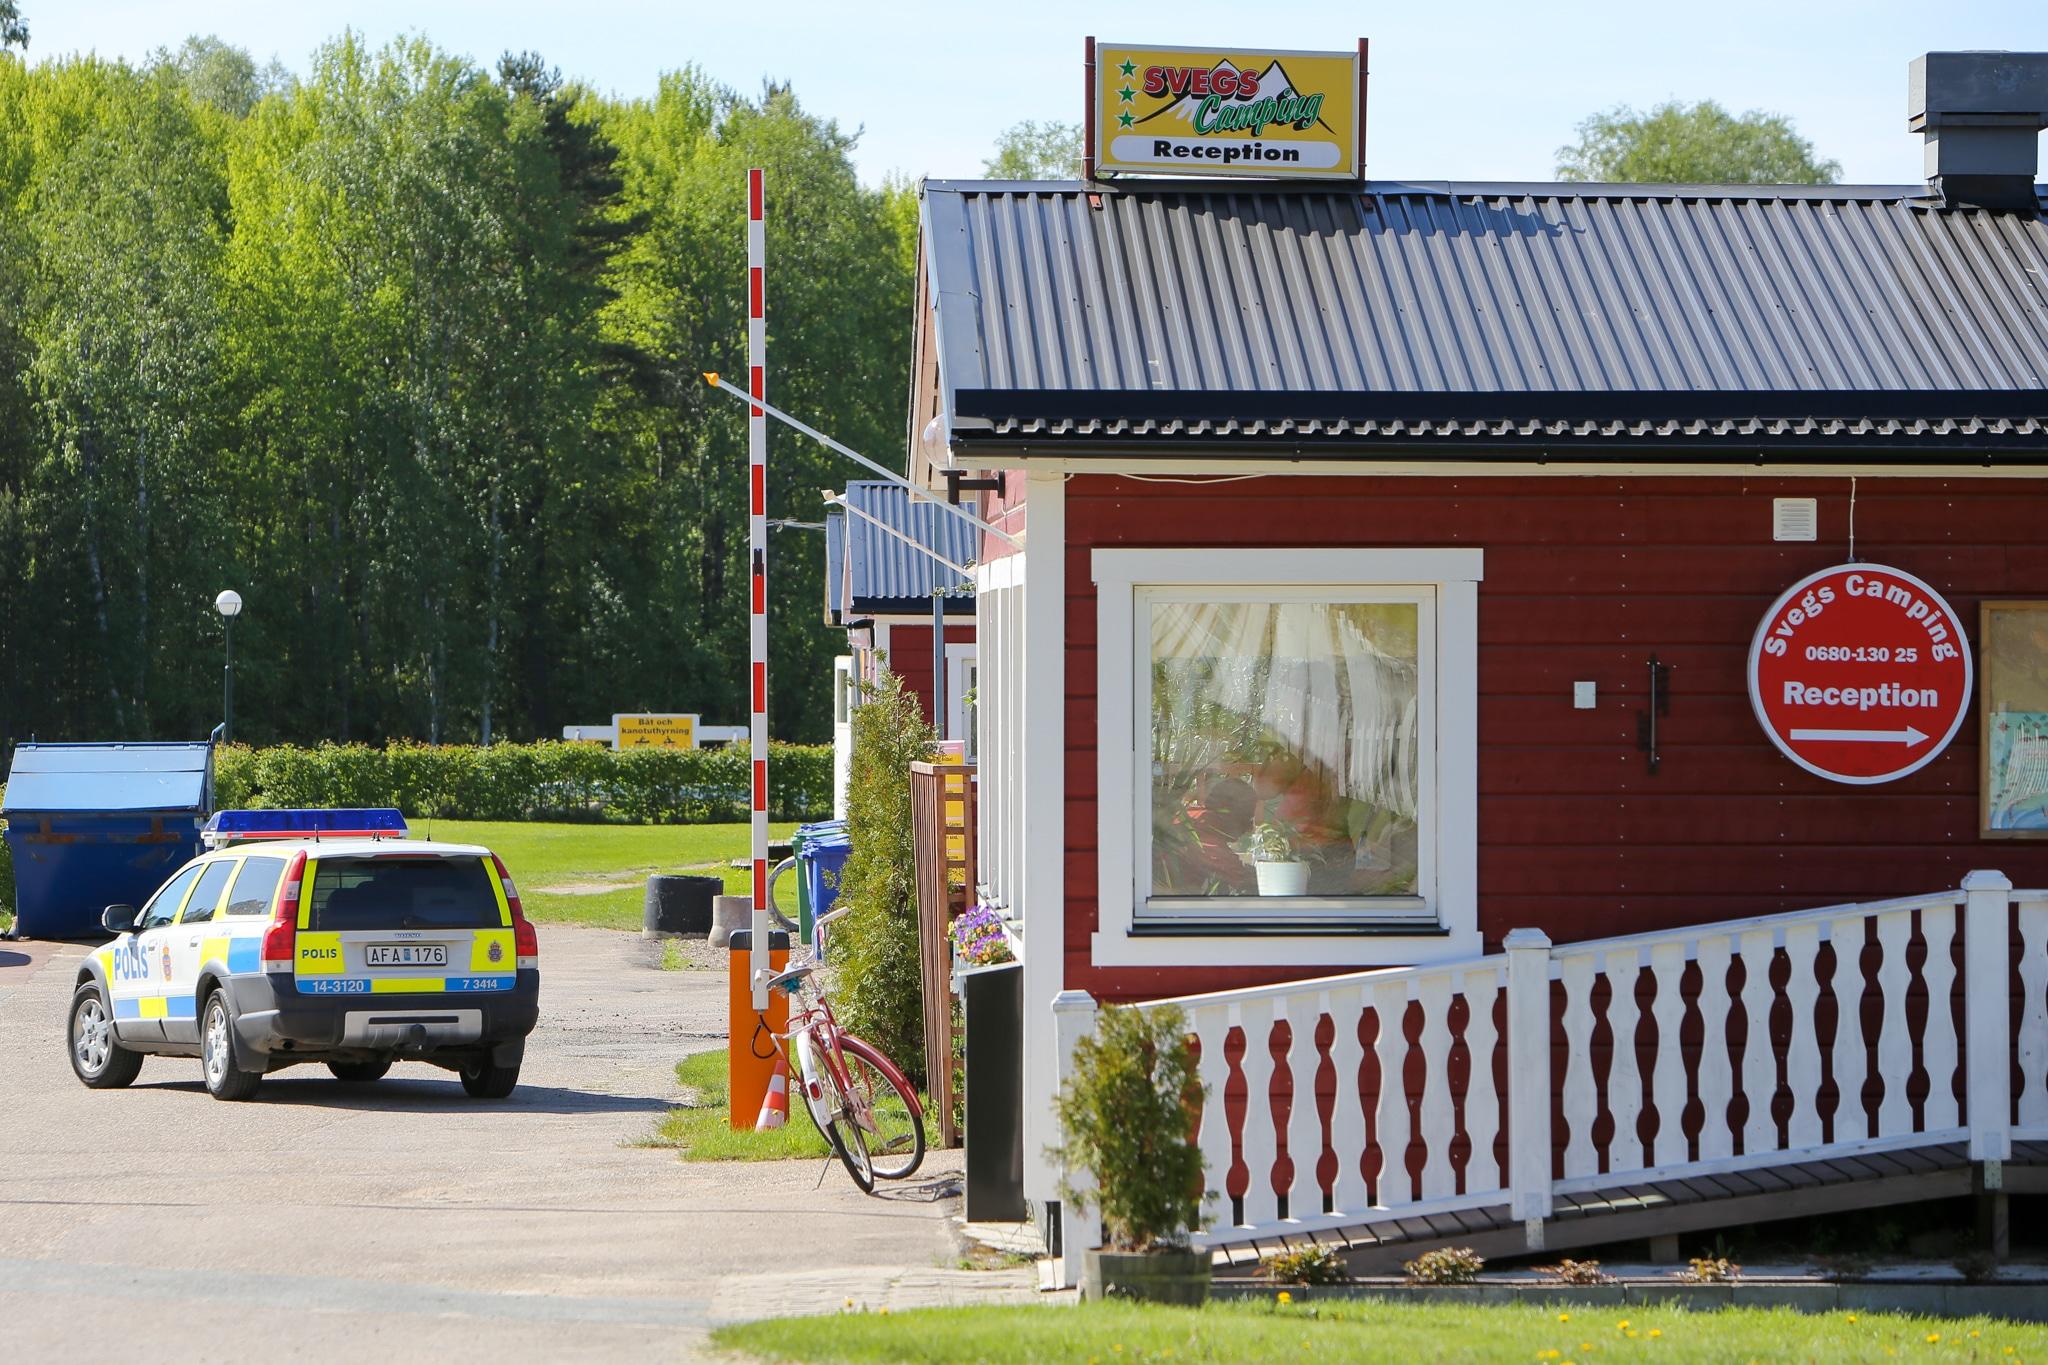 Inbrott på Svegs Camping. Foto: Morgan Grip